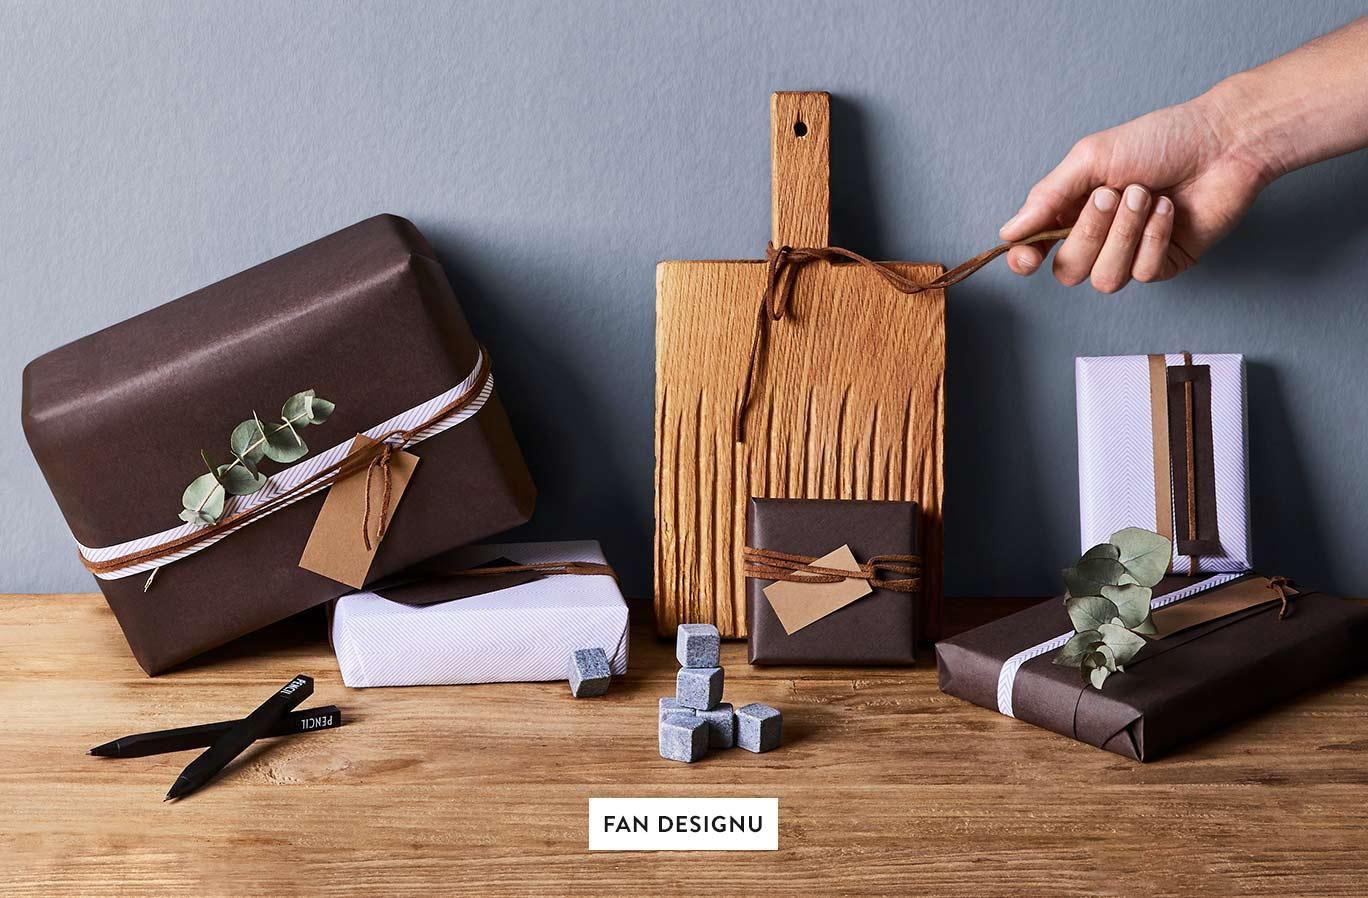 Fuer-Ihn-Designfan-Kugelschreiber